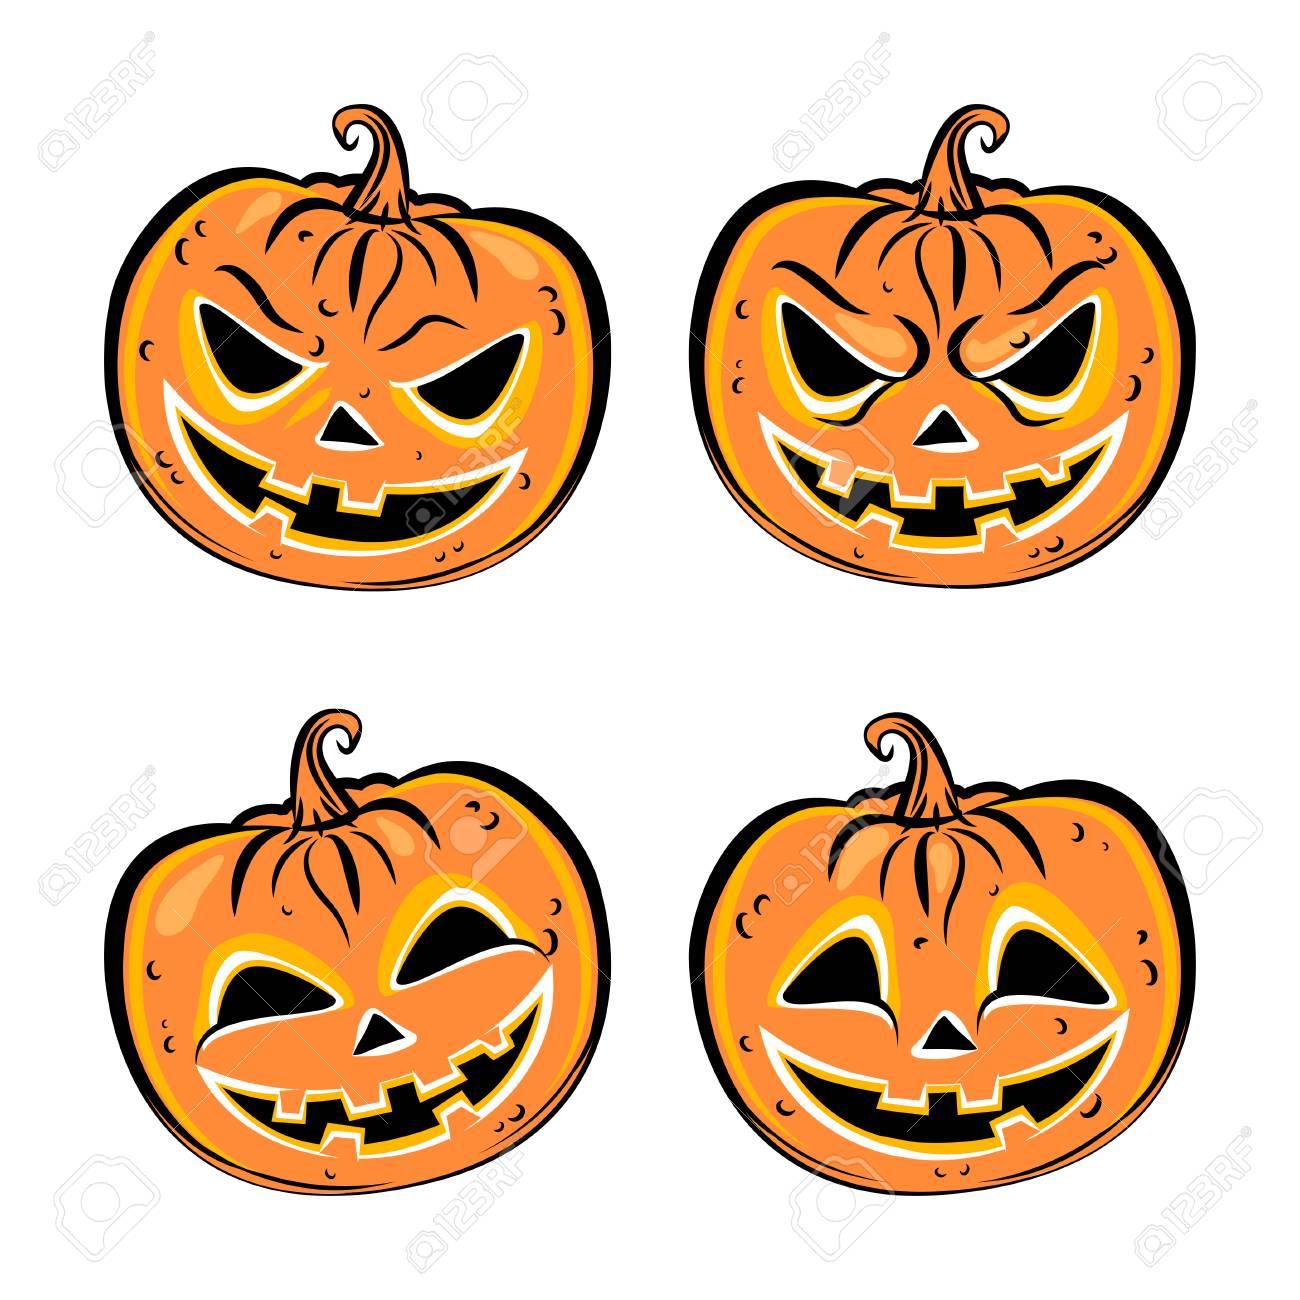 Facce Zucche Di Halloween.Set Di Quattro Zucche Di Halloween Raccolta Di Emozioni Facce Di Zucche Spaventose E Divertenti Illustrazione Vettoriale